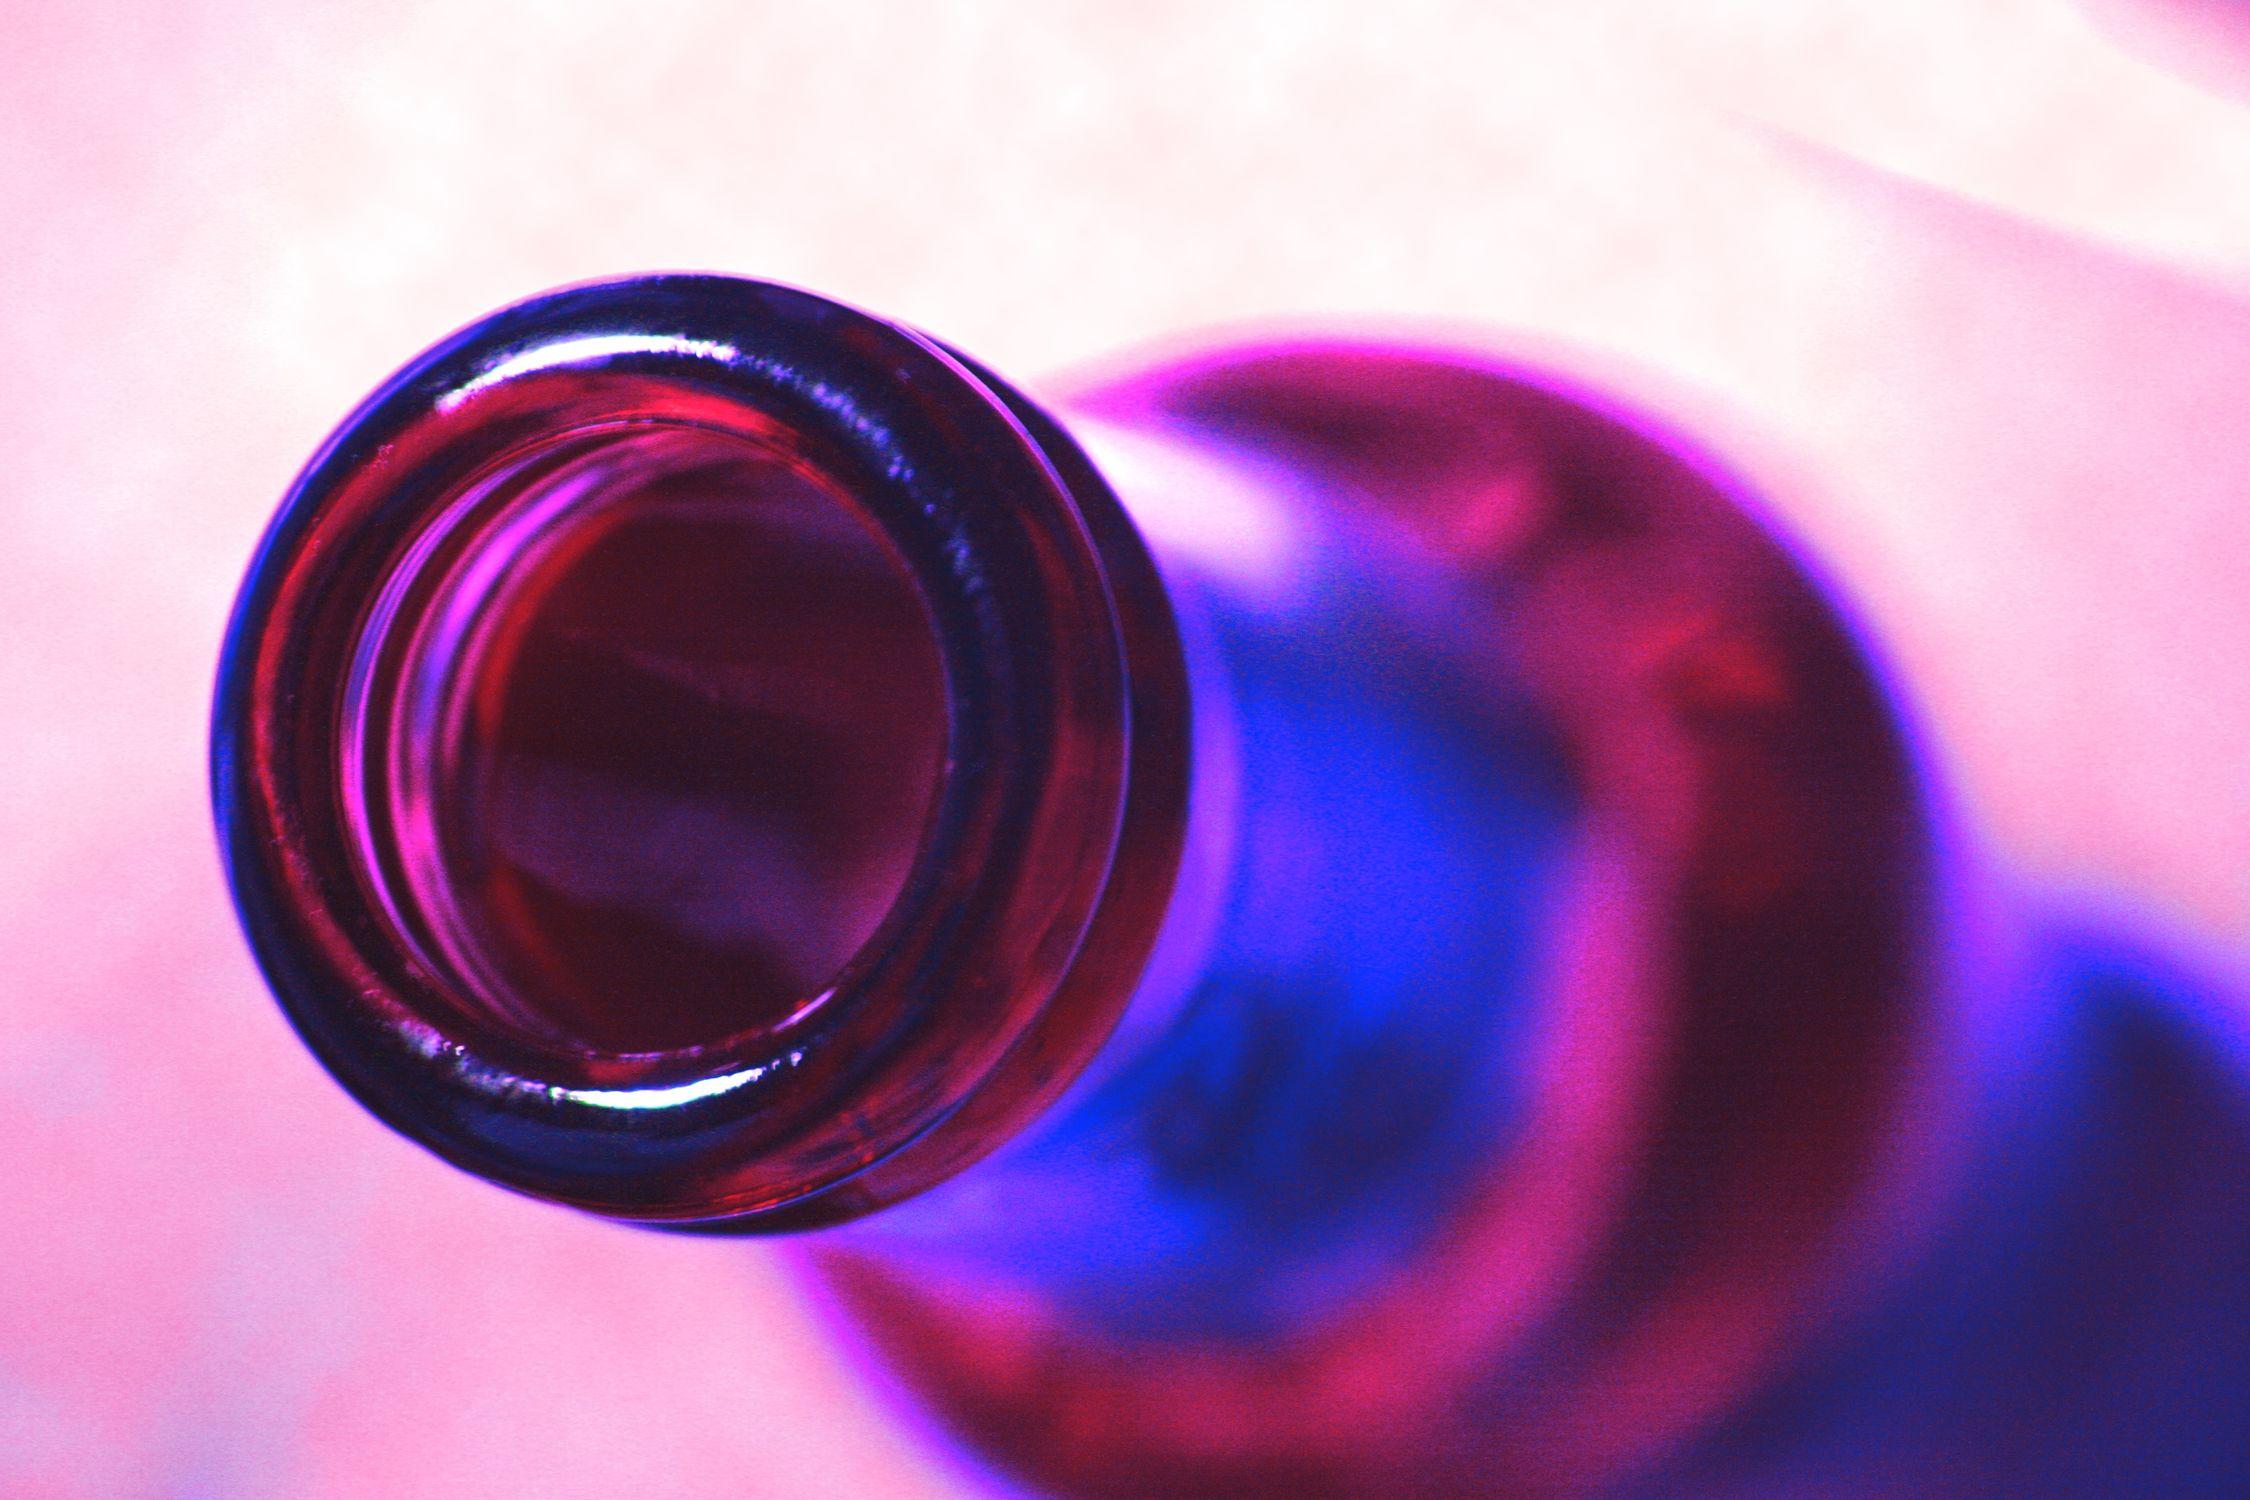 Bild mit Farben, Natur, Elemente, Wasser, Rosa, Lila, Violett, Blau, Magenta, Küchenbild, Flasche, Bottle, Küchenbilder, Küche